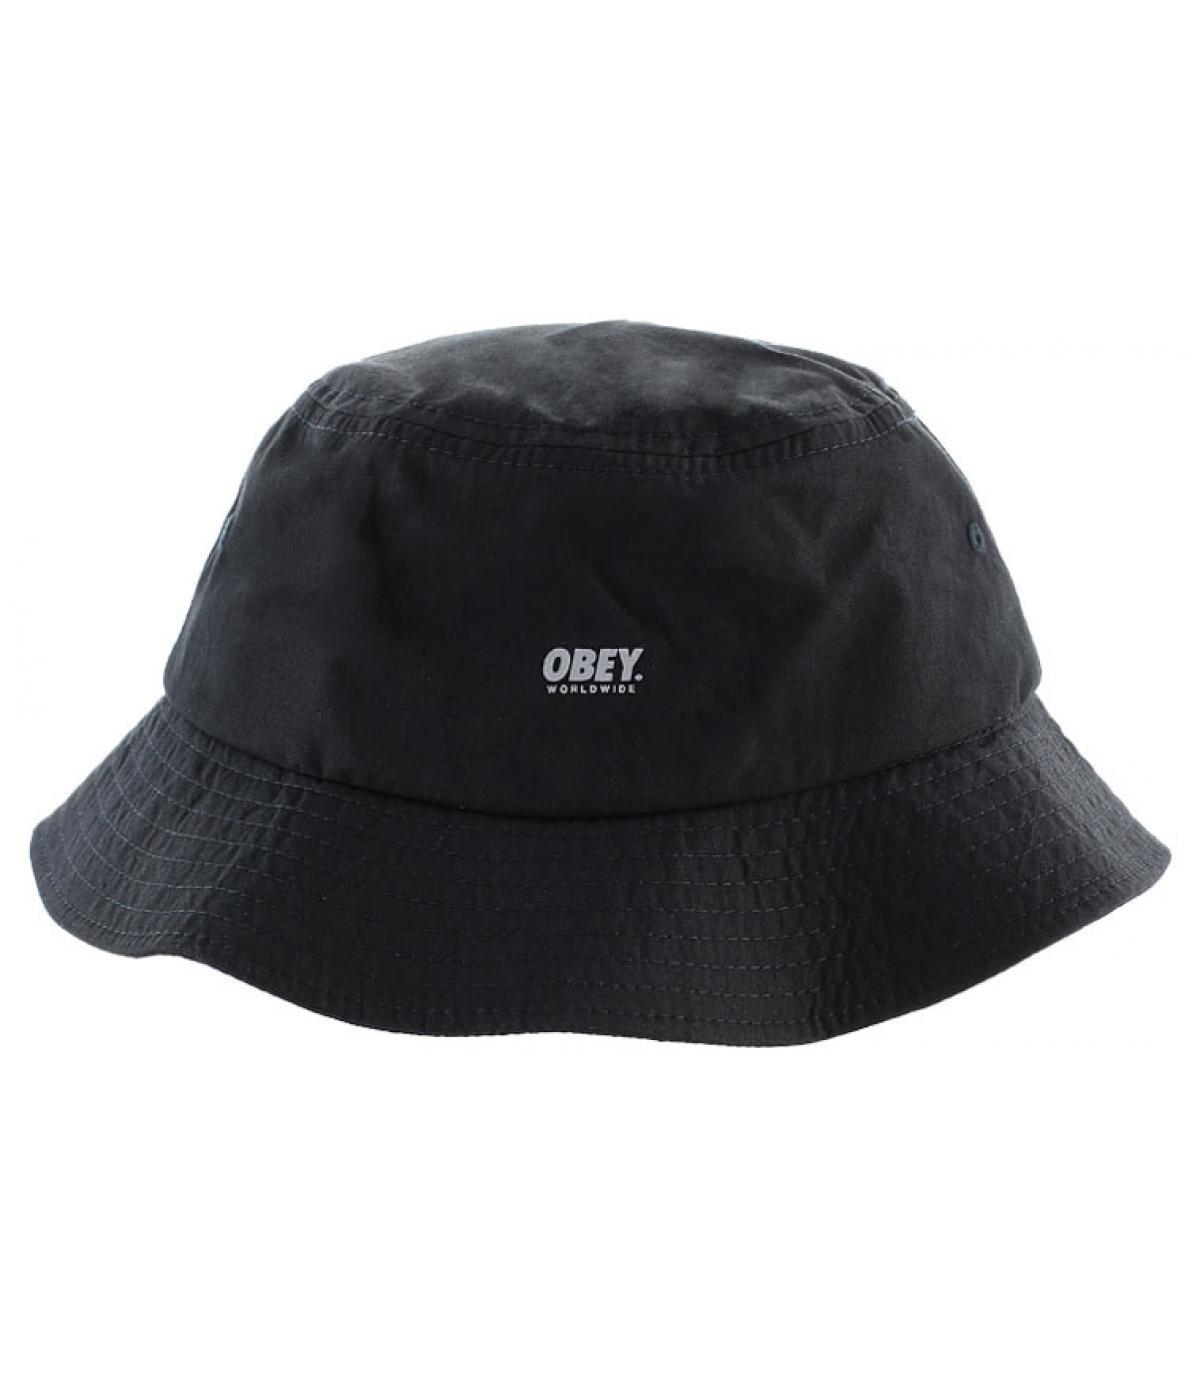 Bob Obey nero